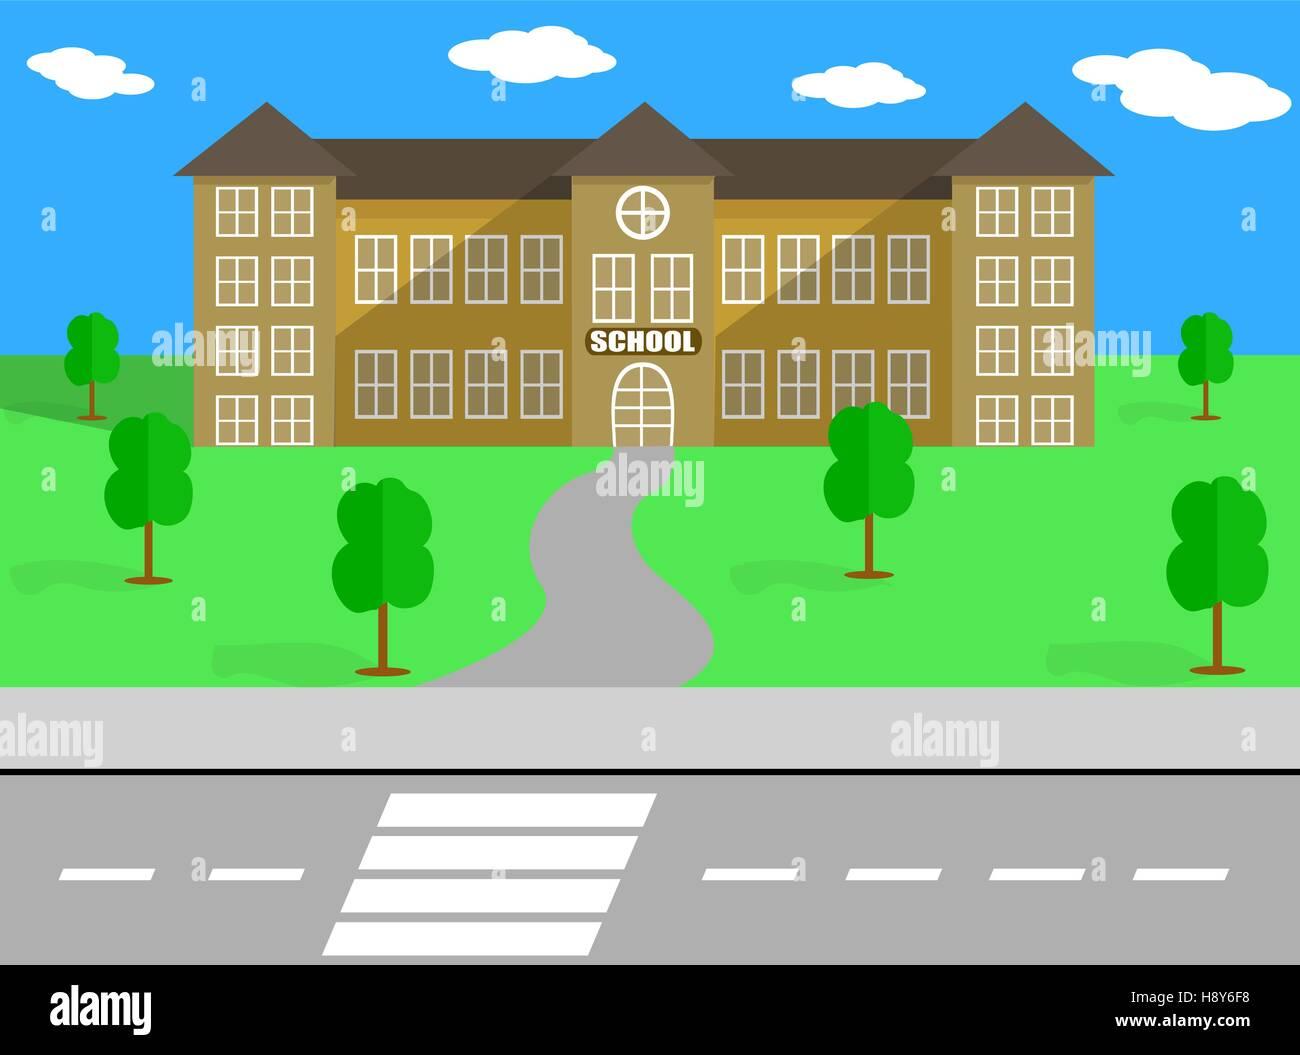 School Building and Schoolyard - Stock Vector